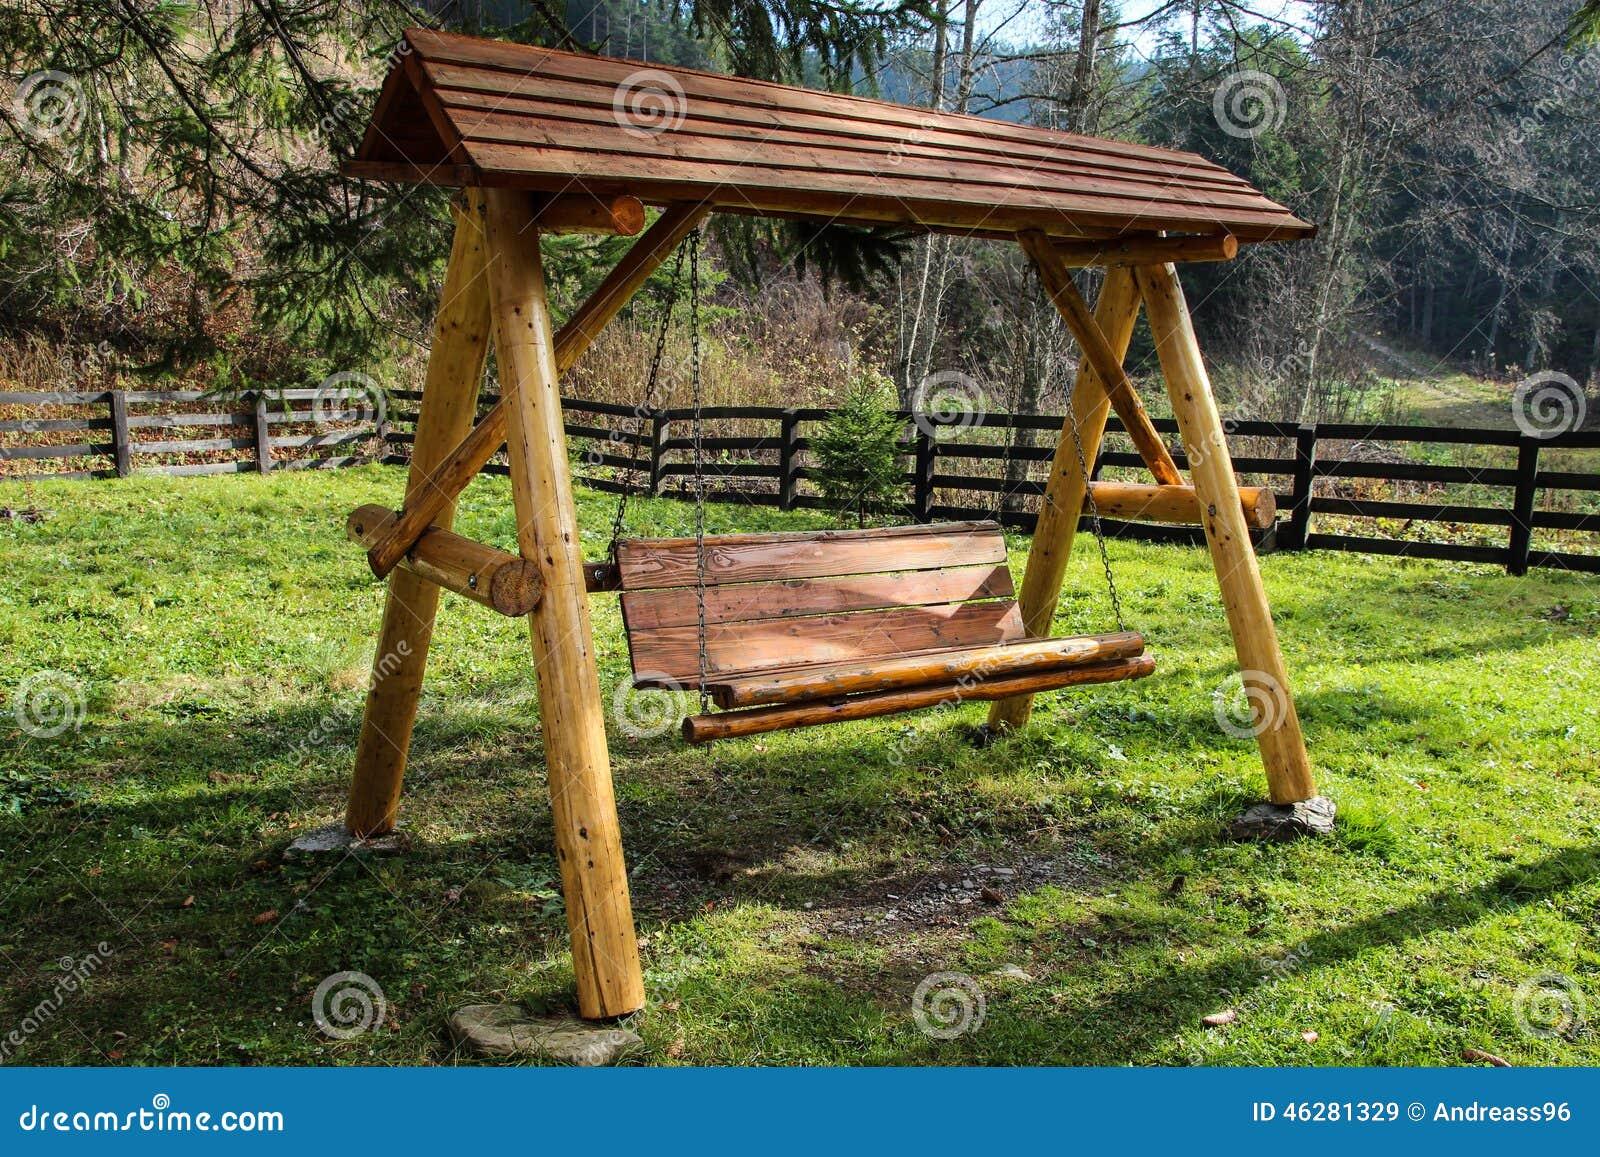 Um balanço de madeira no jardim o lugar perfeito a relaxar. #8E9F2C 1300x957